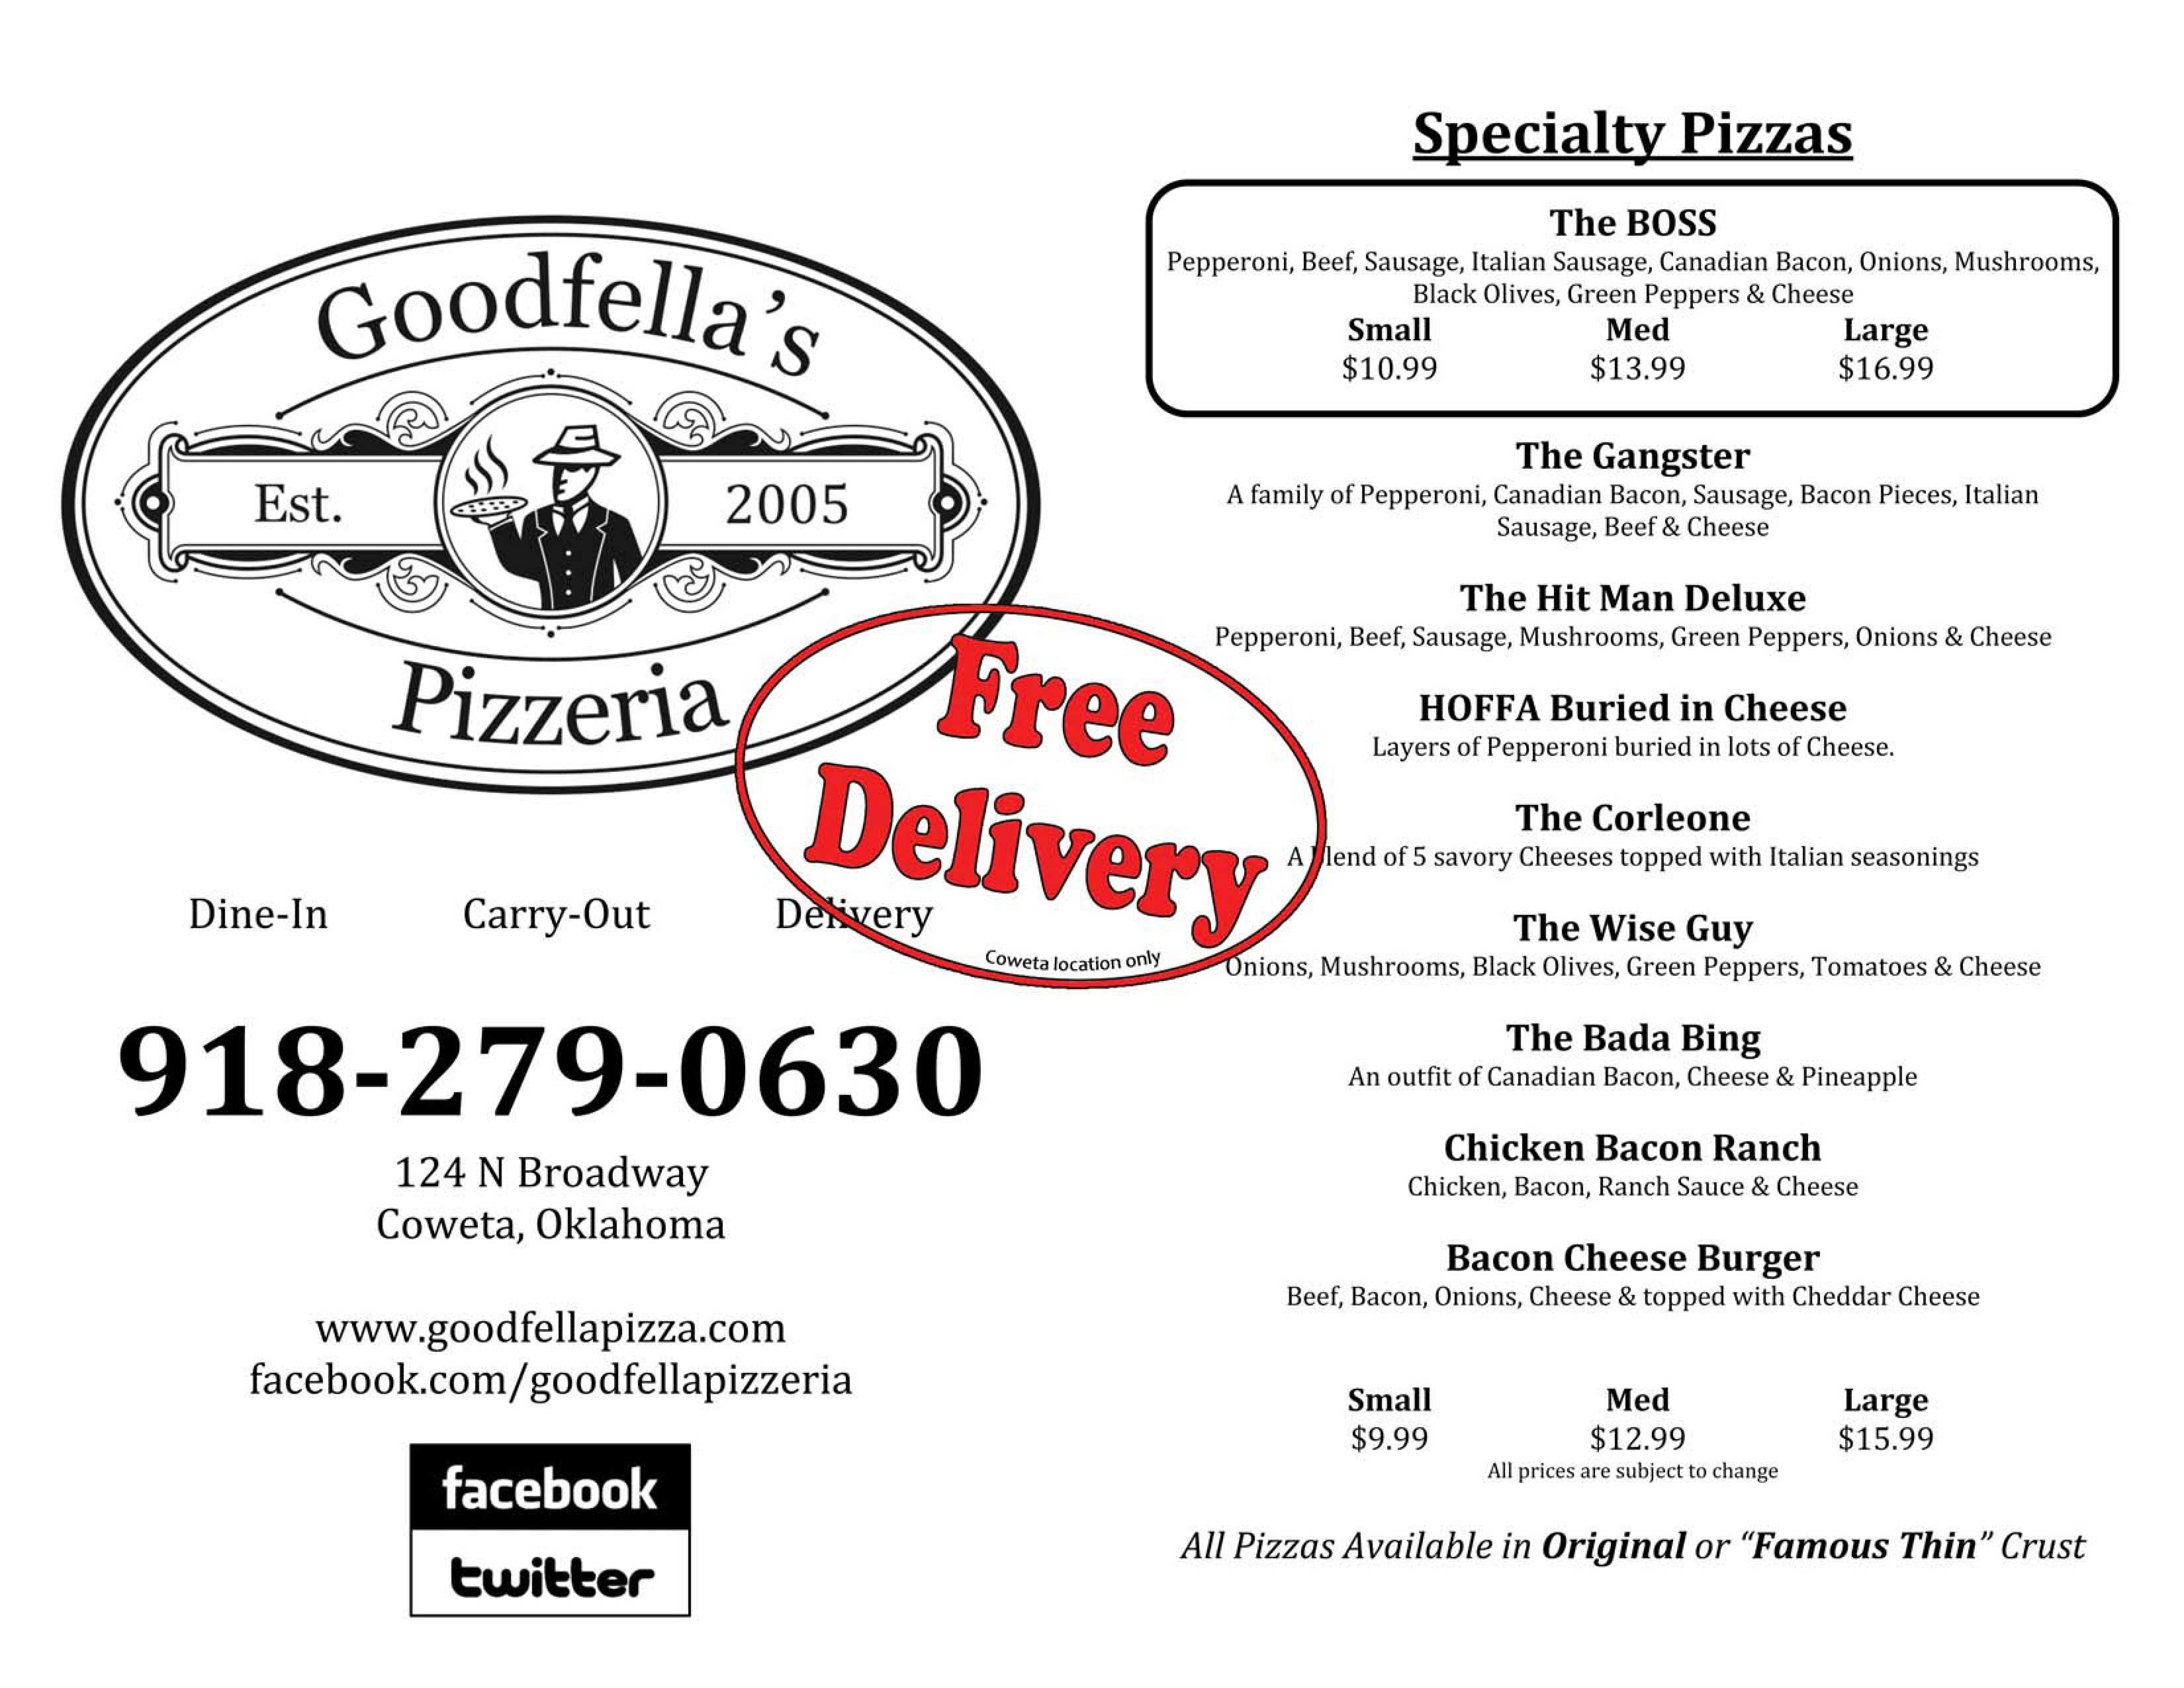 Goodfella's Pizzeria, Coweta OK